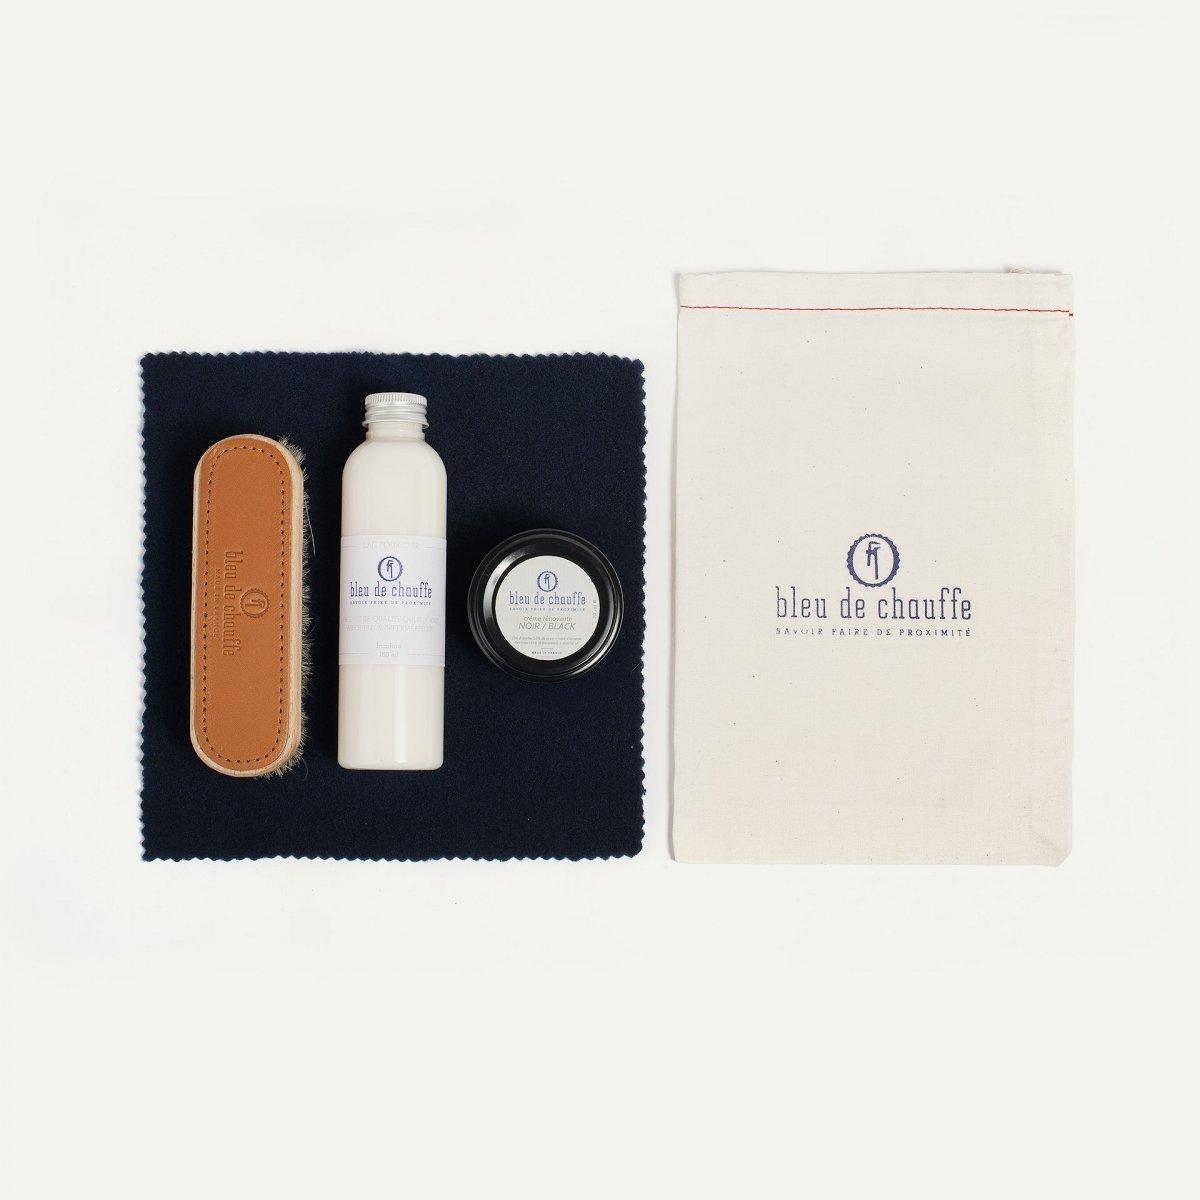 Complete Bag care kit  - Black (image n°1)